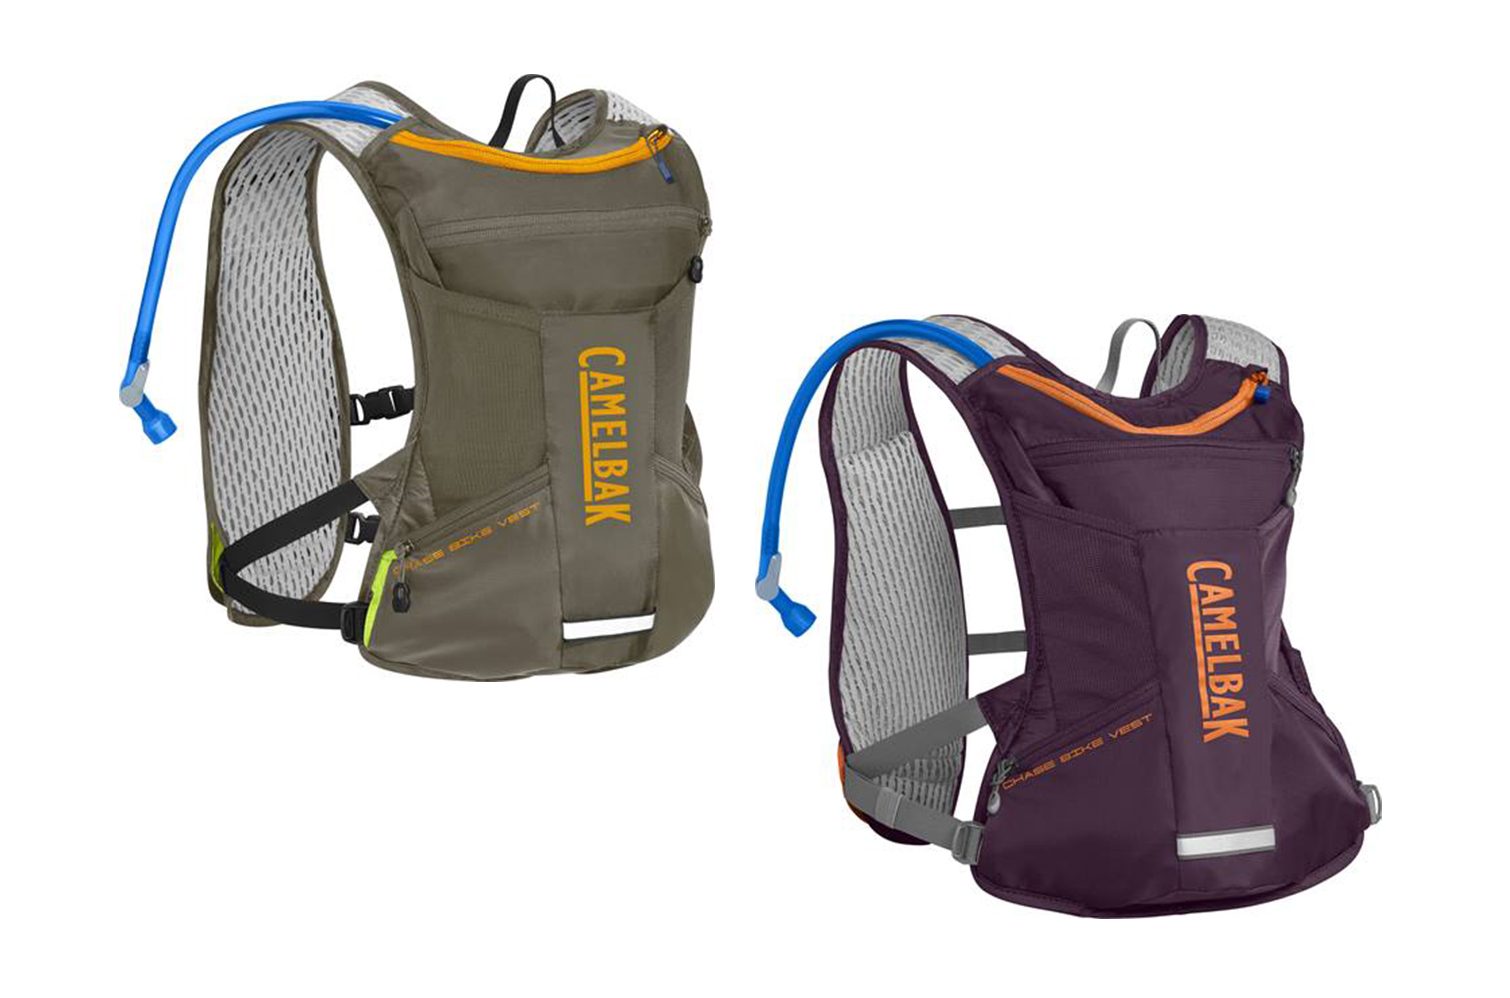 CamelBak bike vests